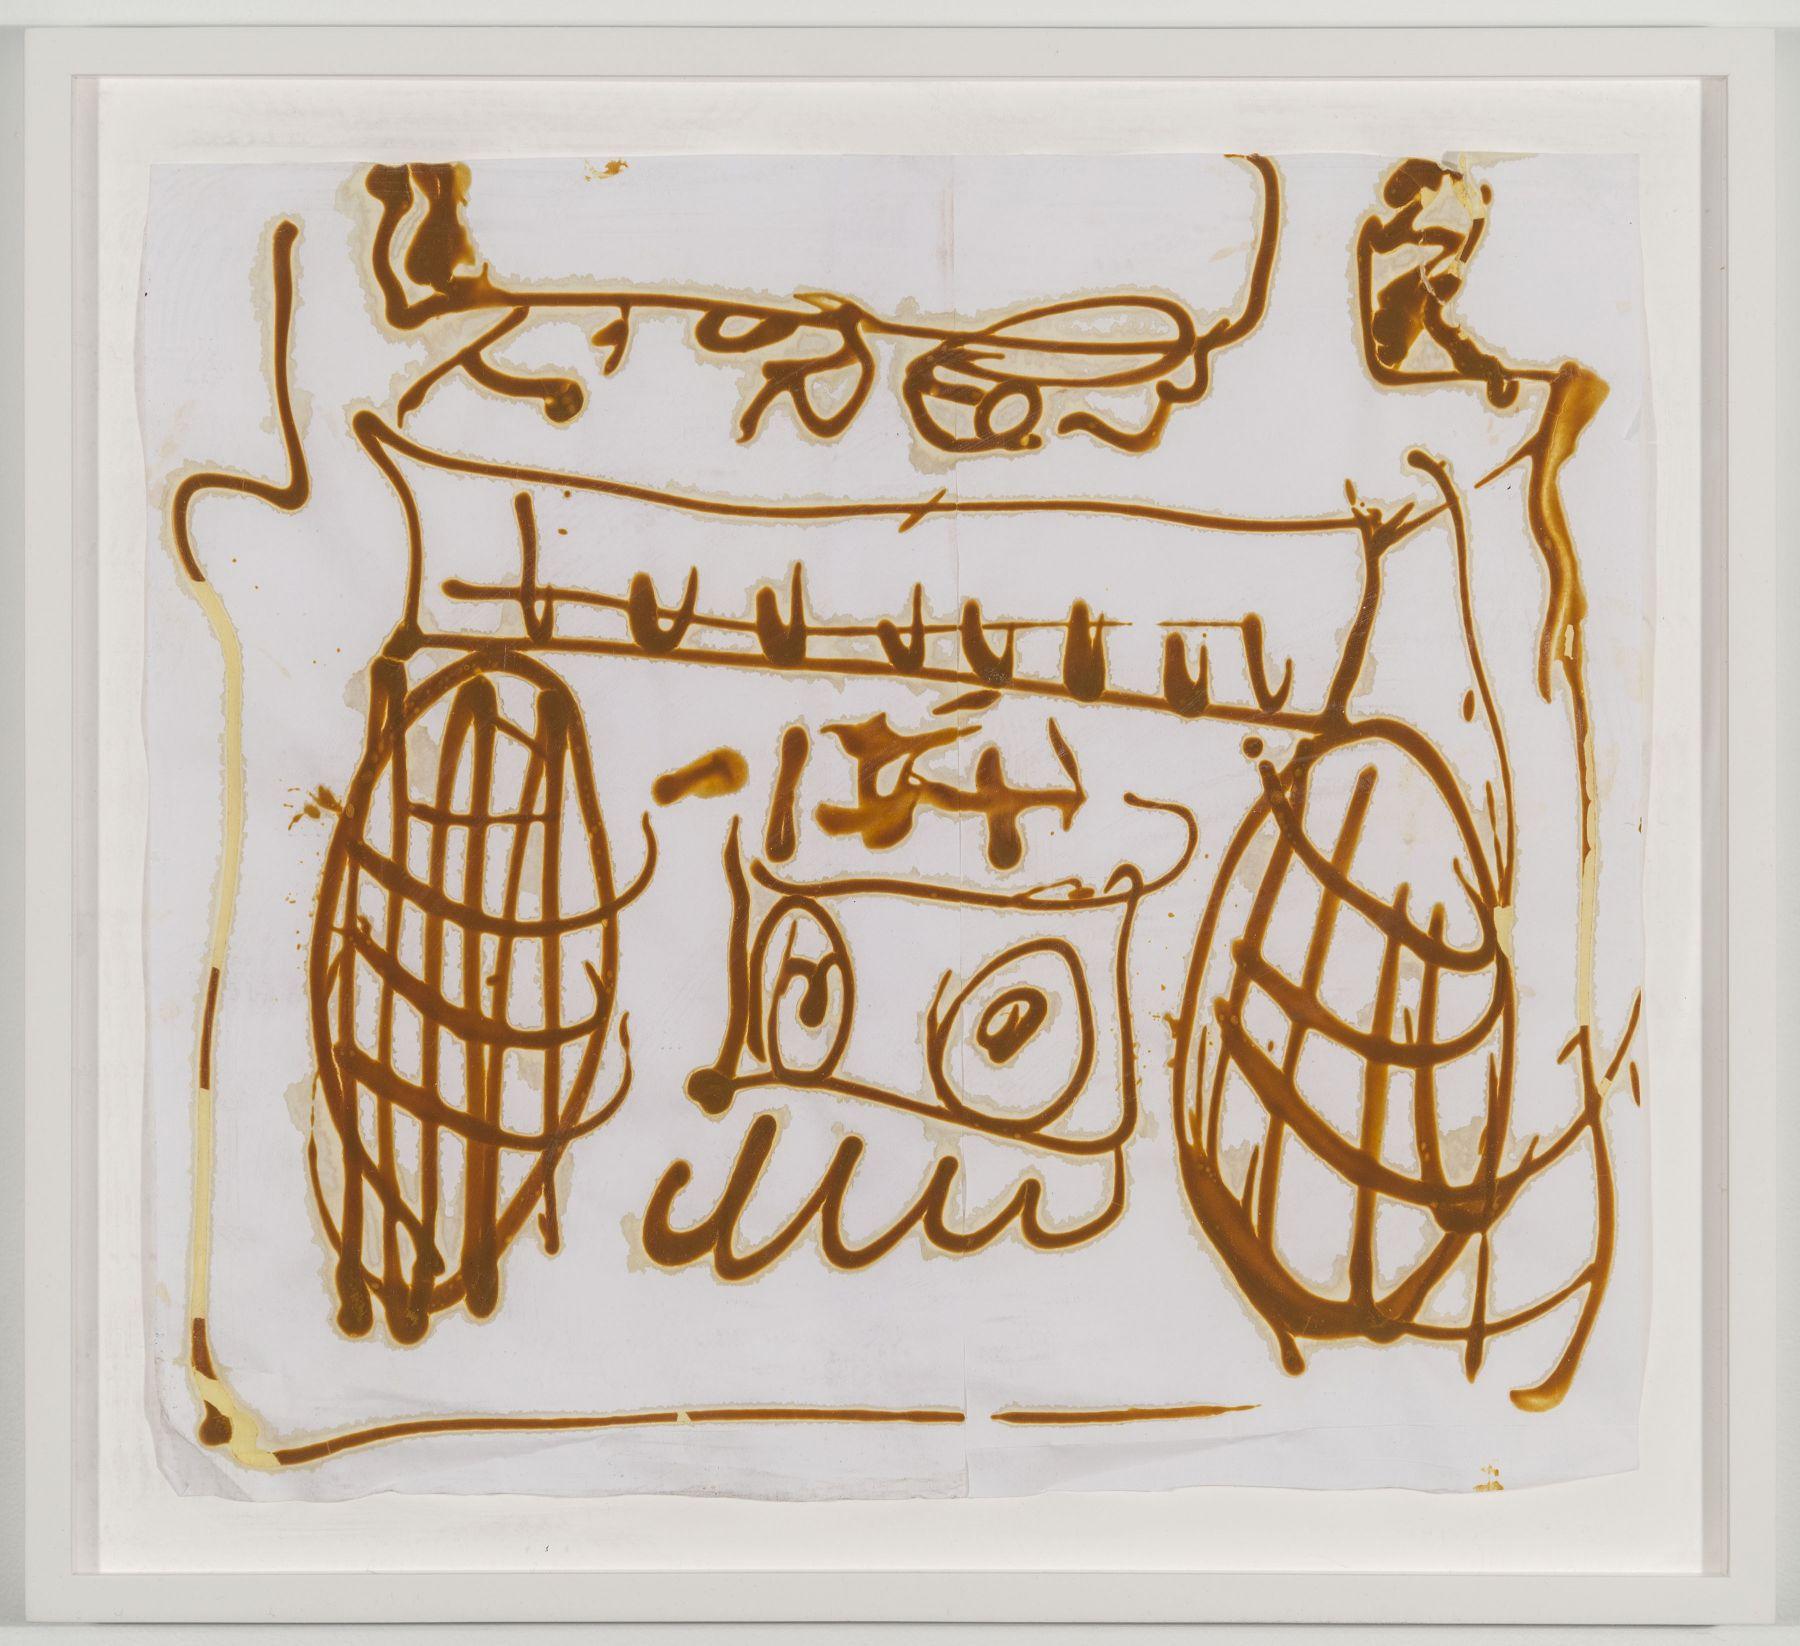 BRIAN BELOTT, Mustard Drawing (Boombox),2015